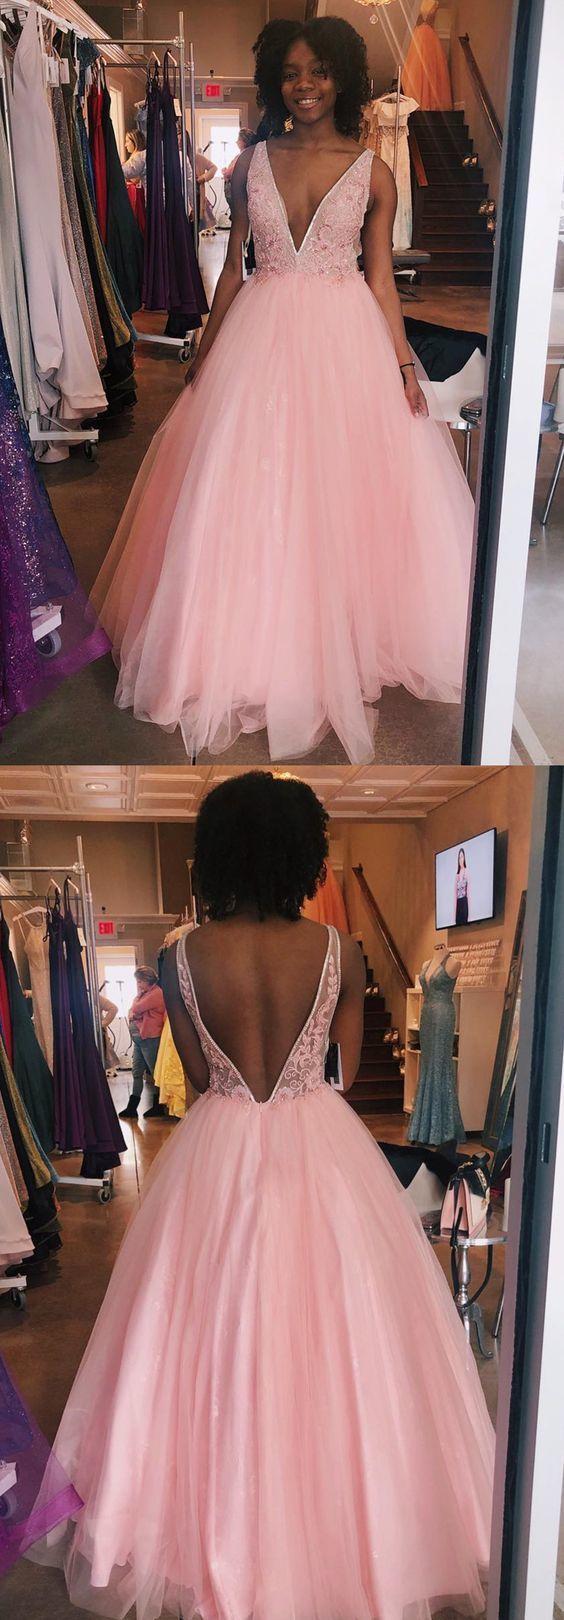 Princess Deep V Neck Pink Long Prom Dress Ball Gown, Sweet 16 Dress